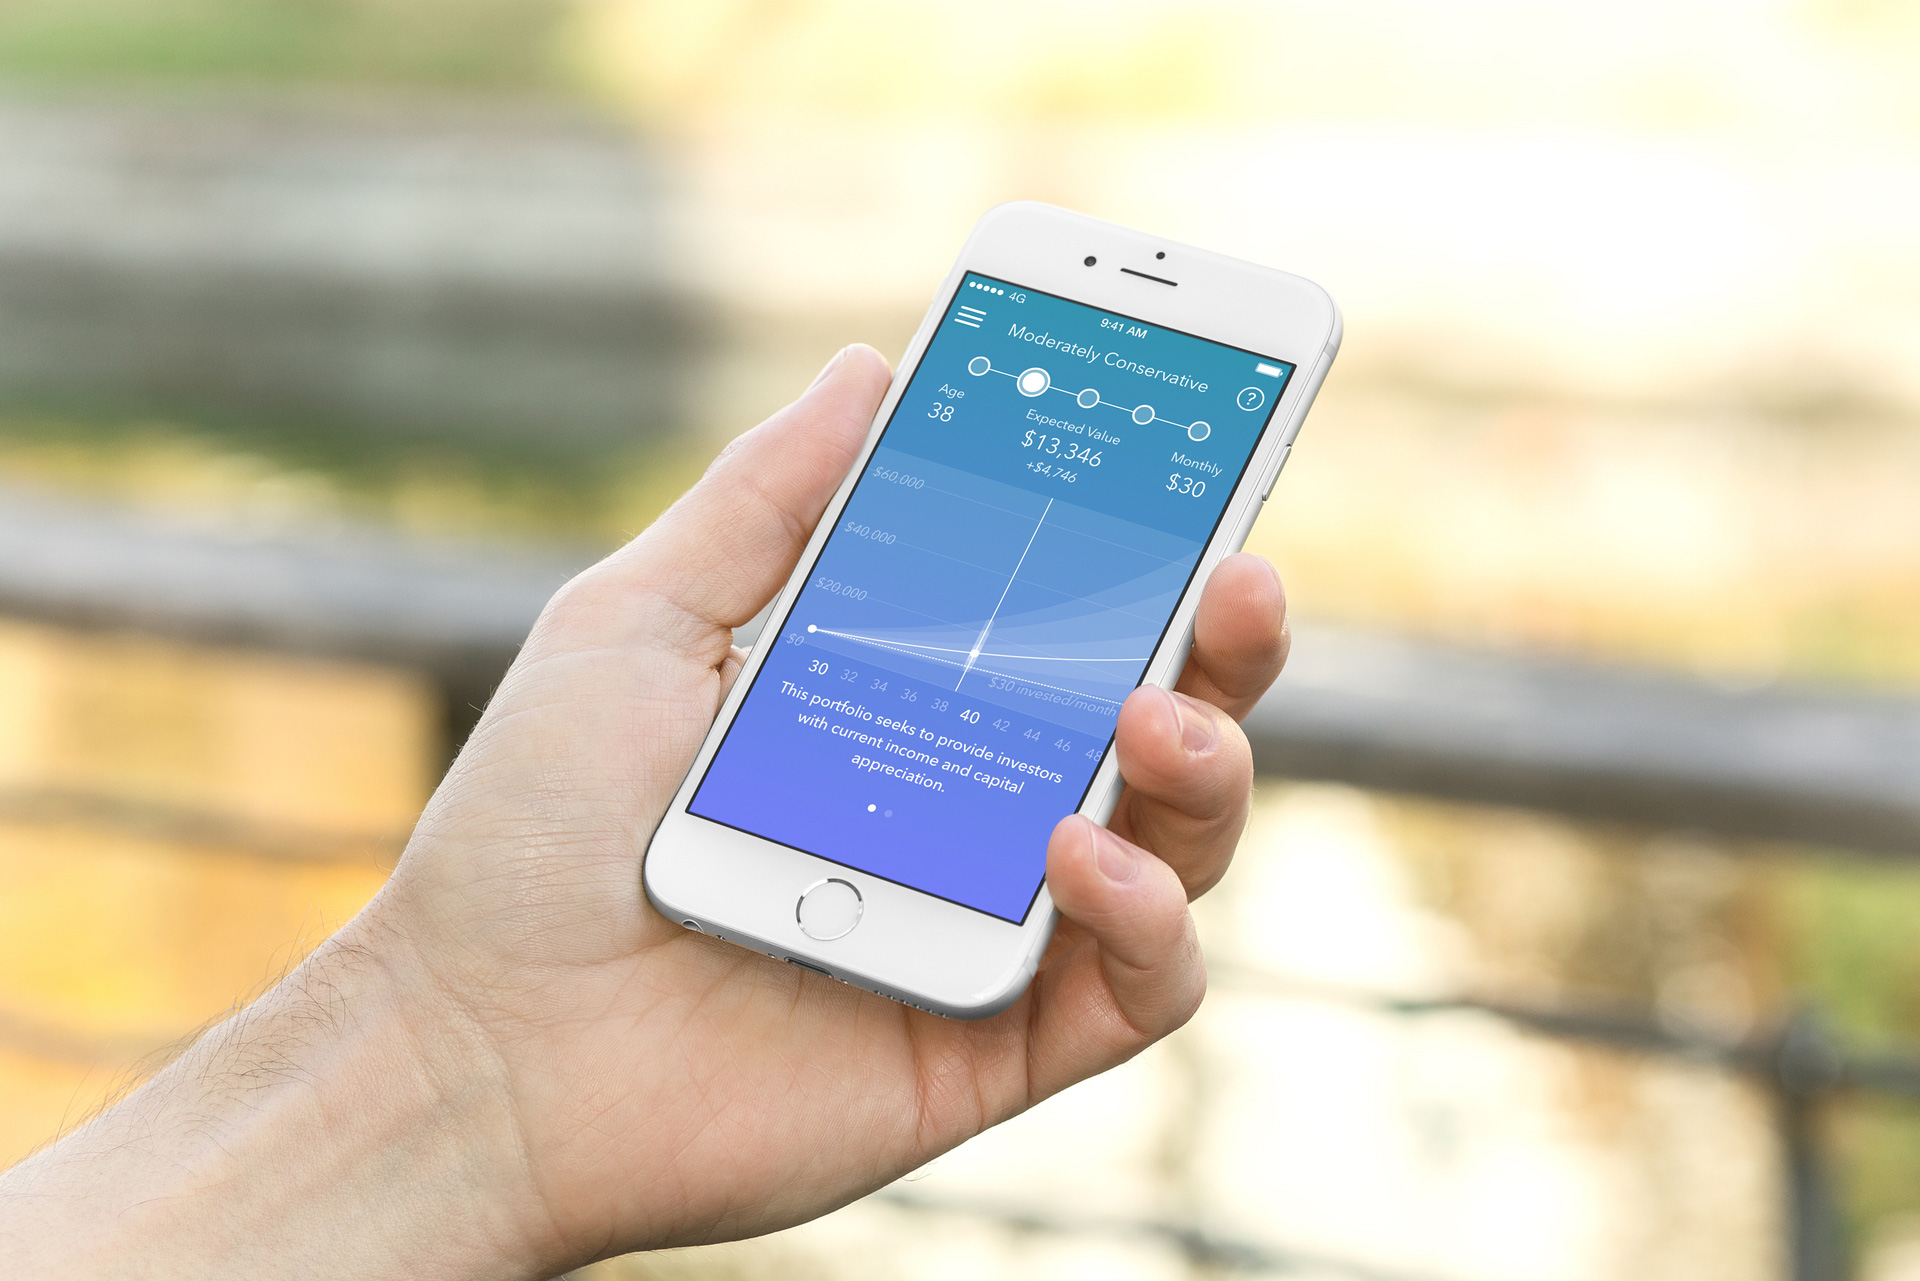 Investment app Acorns